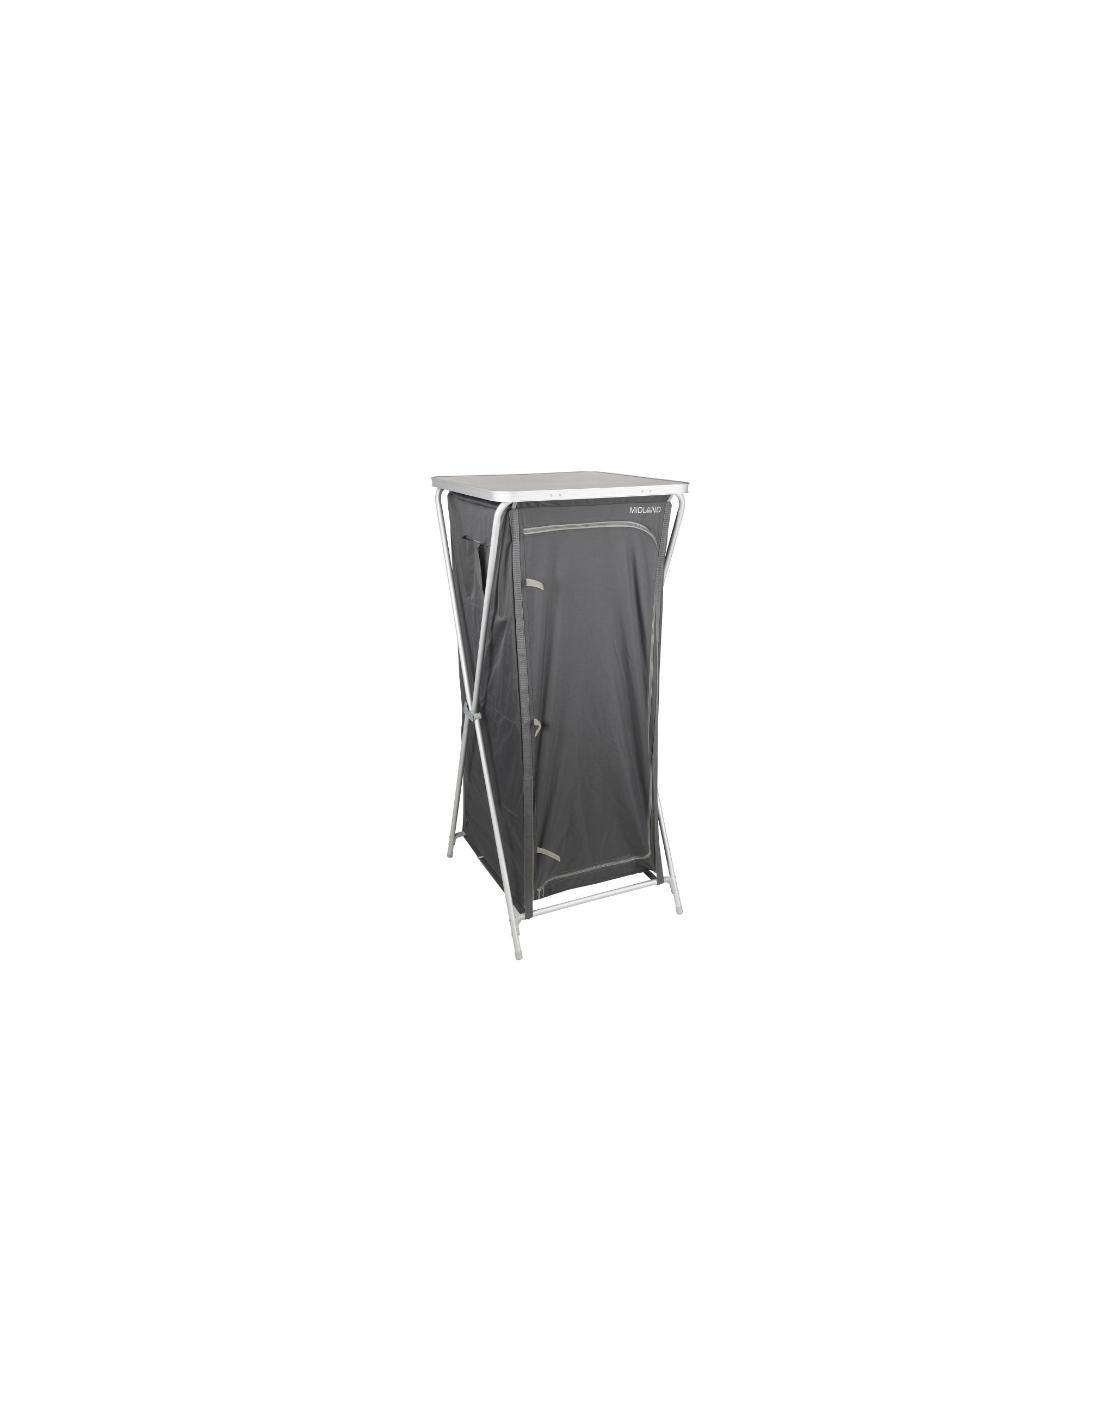 Mueble de cocina regulus midland tienda de camping online - Mueble cocina camping decathlon ...